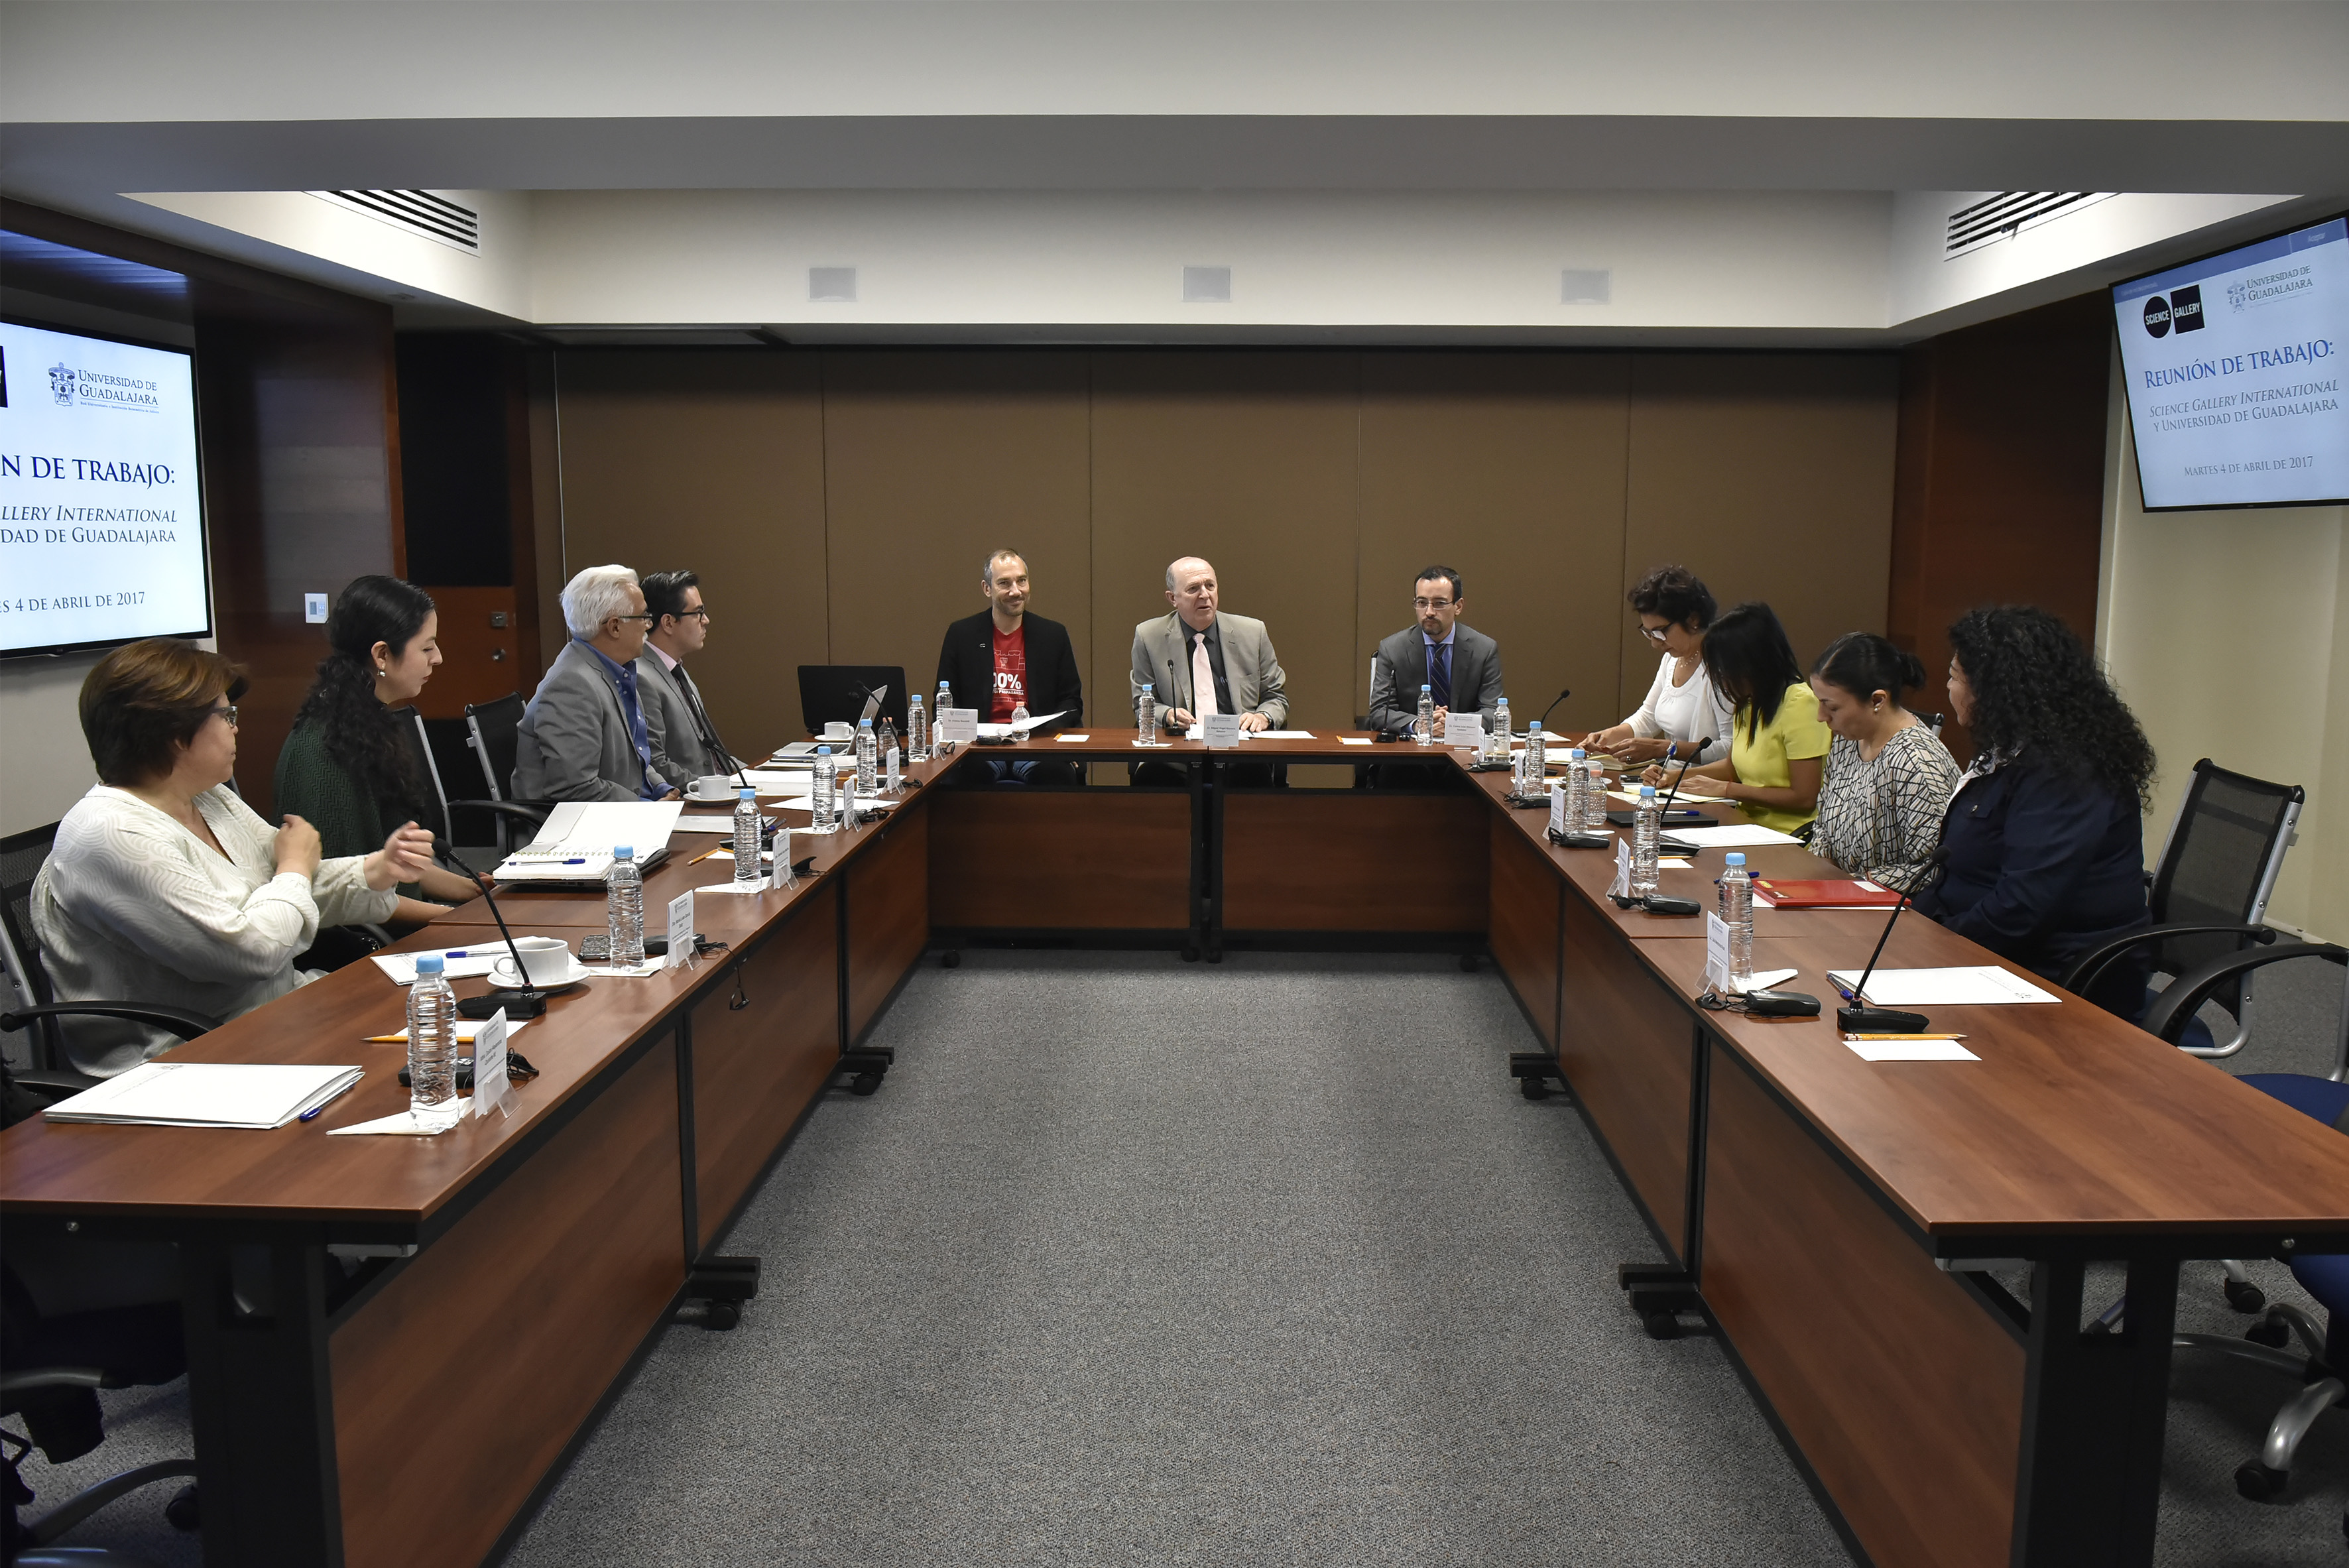 Reunión entre directivos de la Universidad de Guadalajara y Science Gallery International, con el propósito de analizar una posible colaboración.